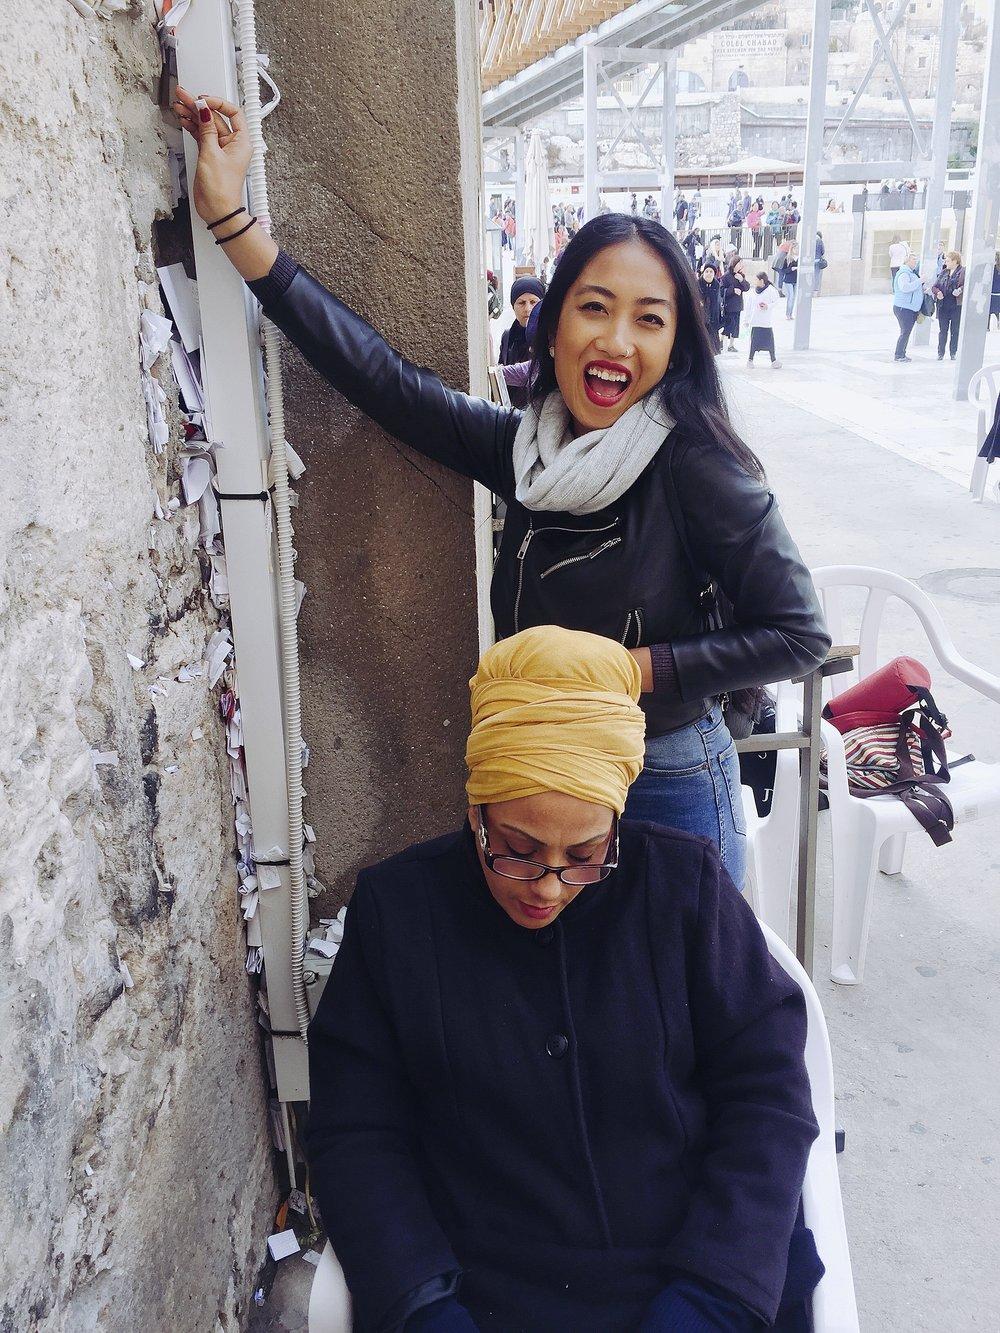 My Israeli Filipino Sister Making Her Wish!